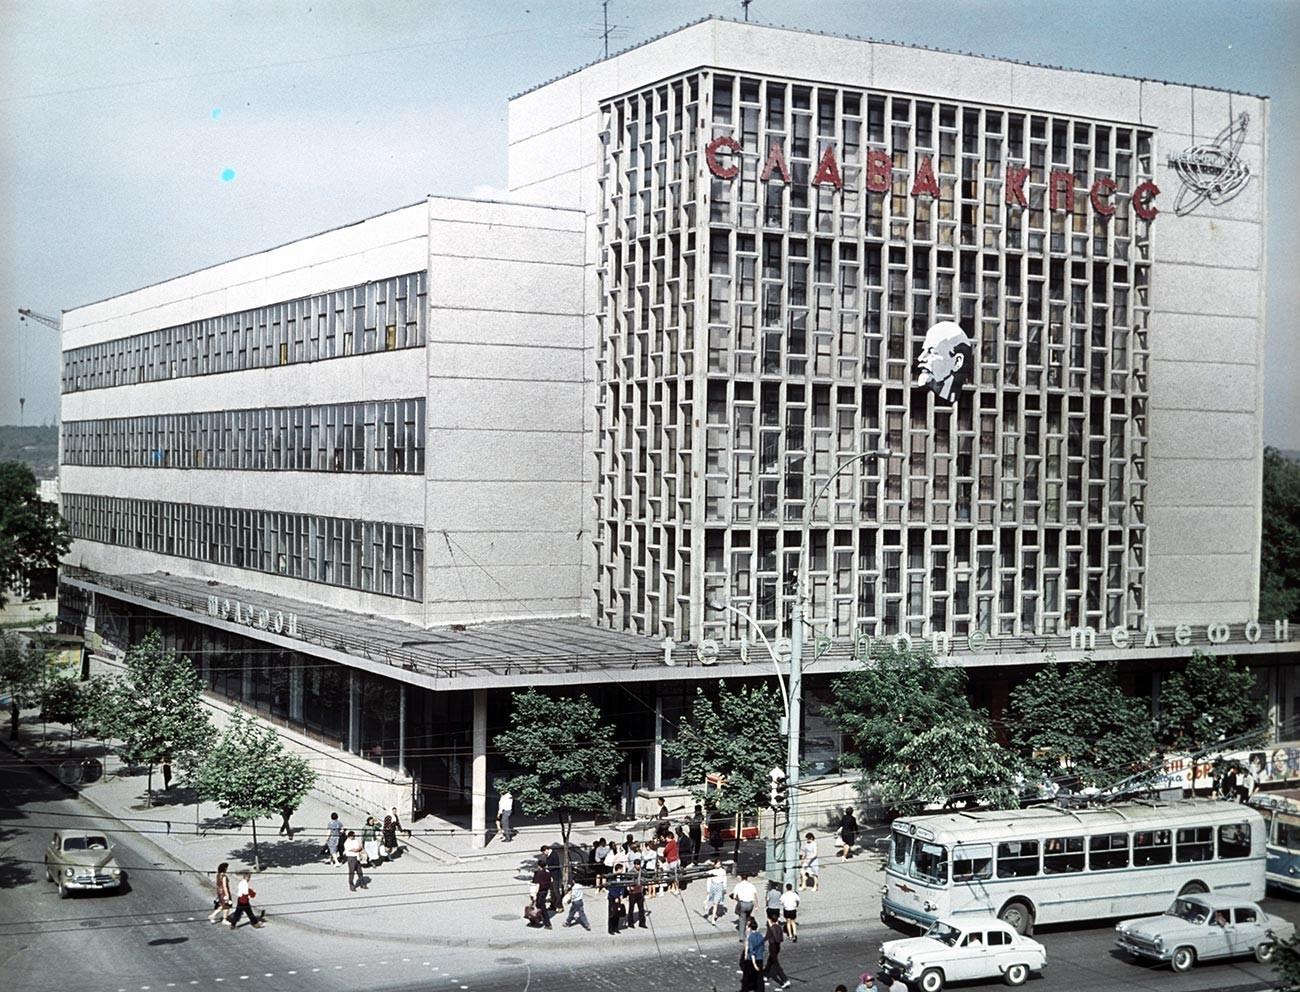 Edifício da Central de Telégrafos em Quichinau, 1972